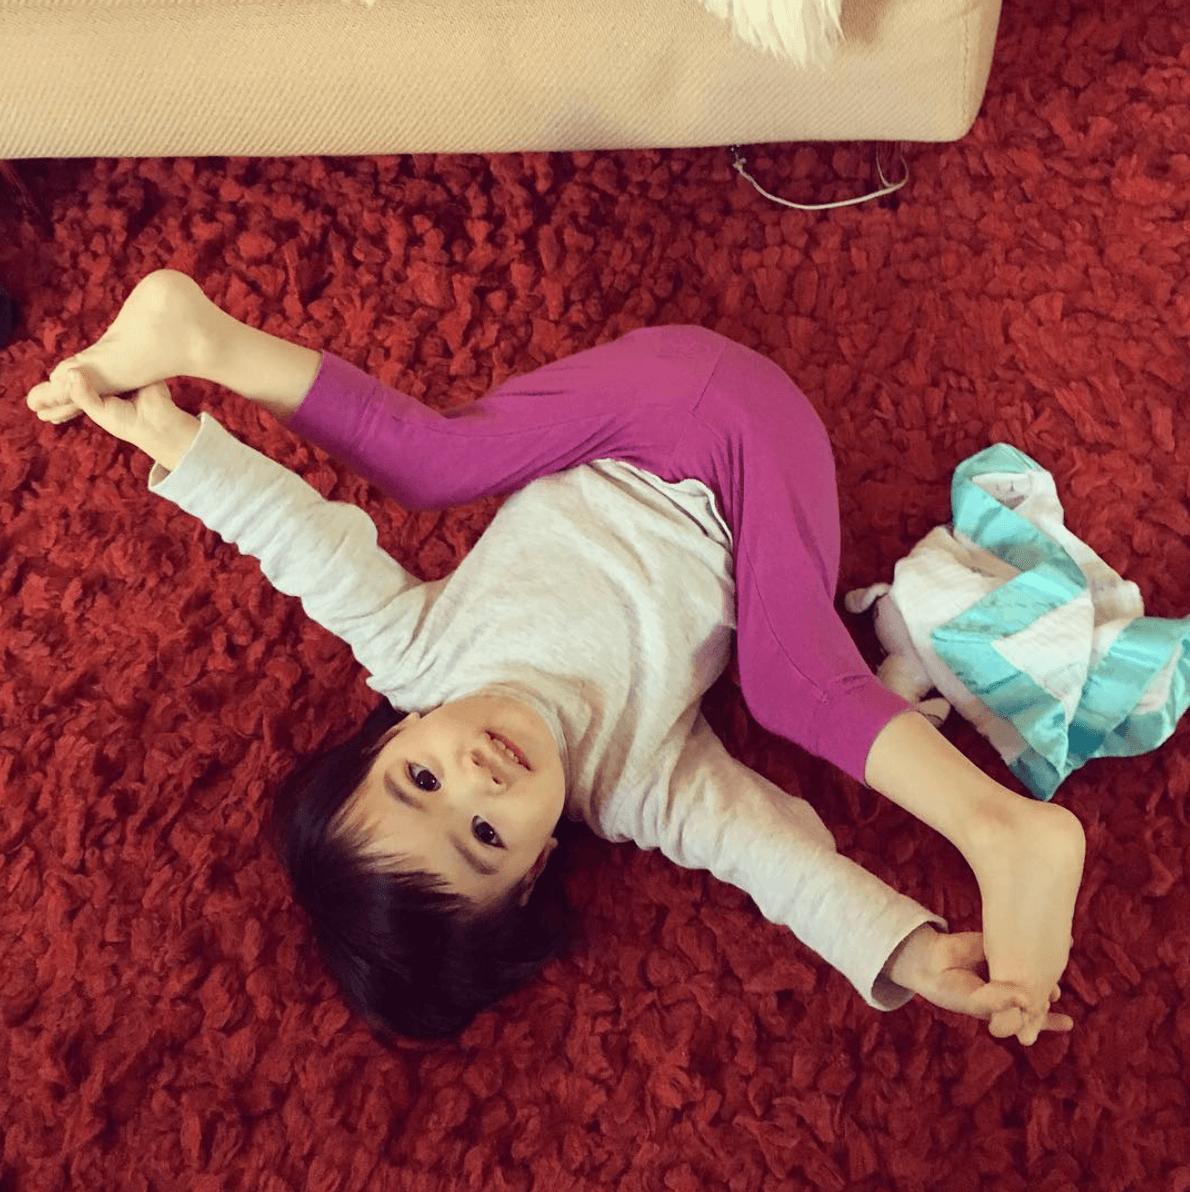 外甥女Aven的筋骨也十分柔軟呢!